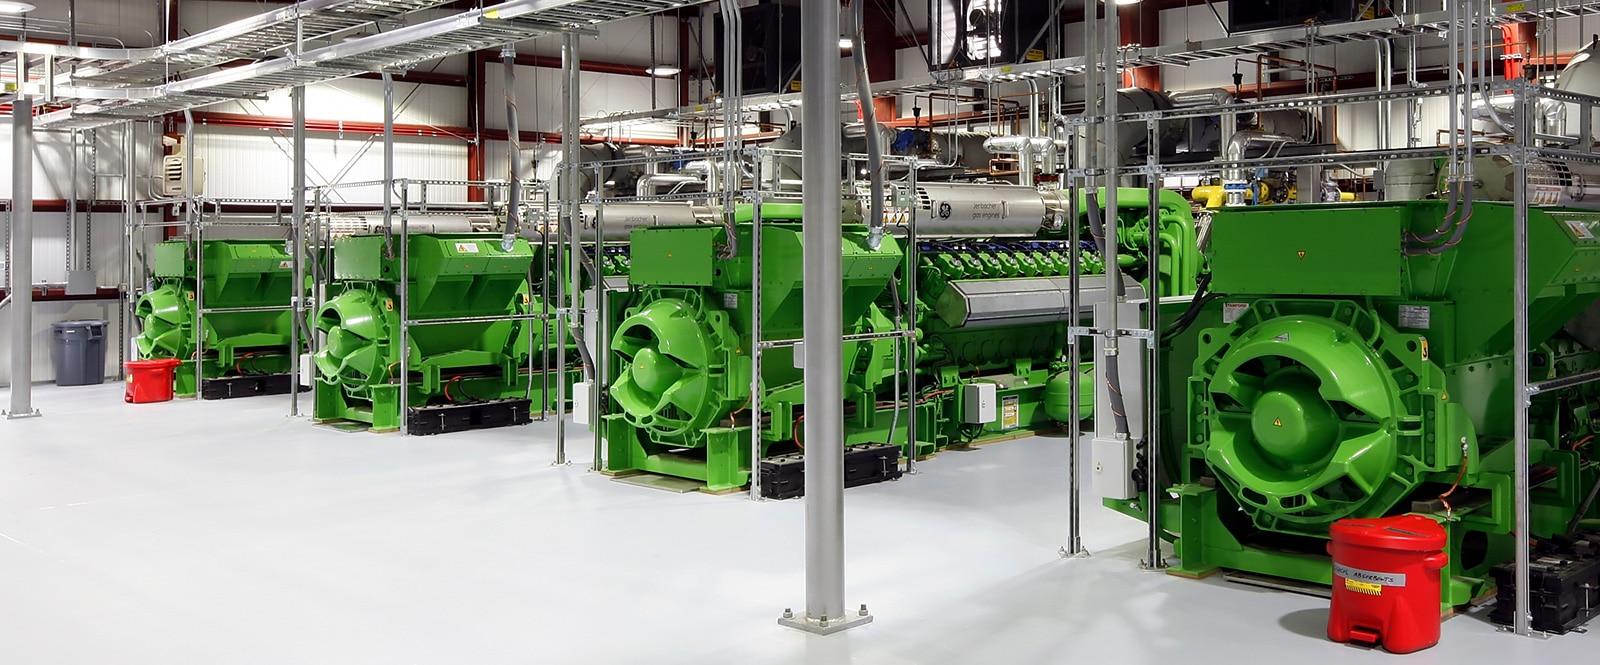 Когенераційне обладнання в лізинг: нова фінансова програма від «ТЕКОМ-Лізинг» і KTS Engineering